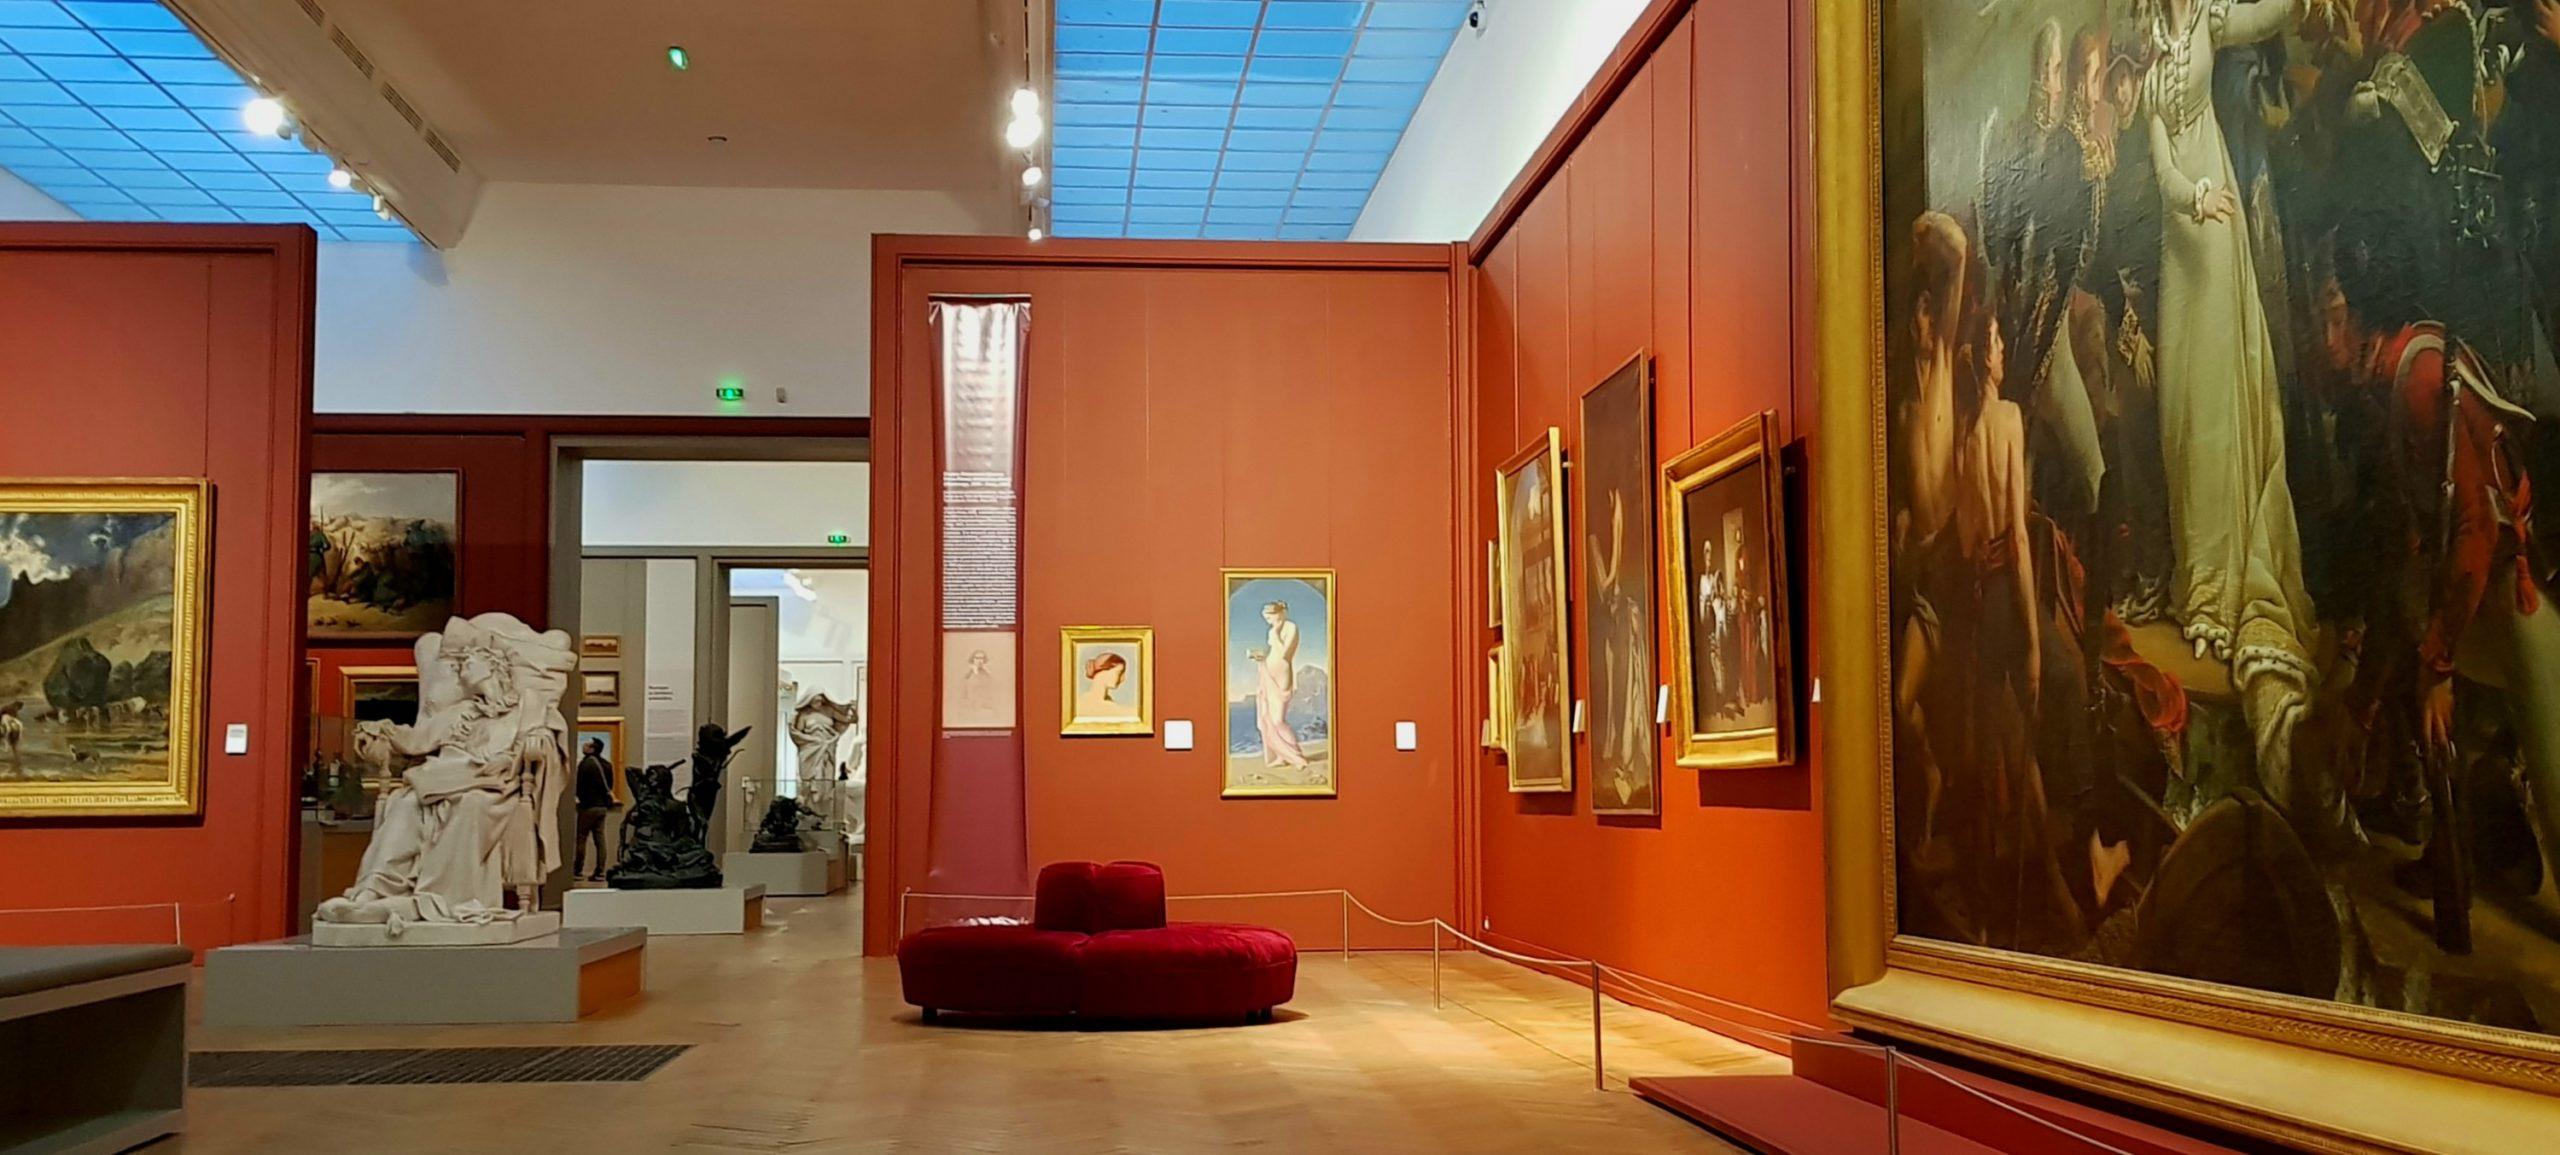 Musée des Beaux Arts in Bordeaux